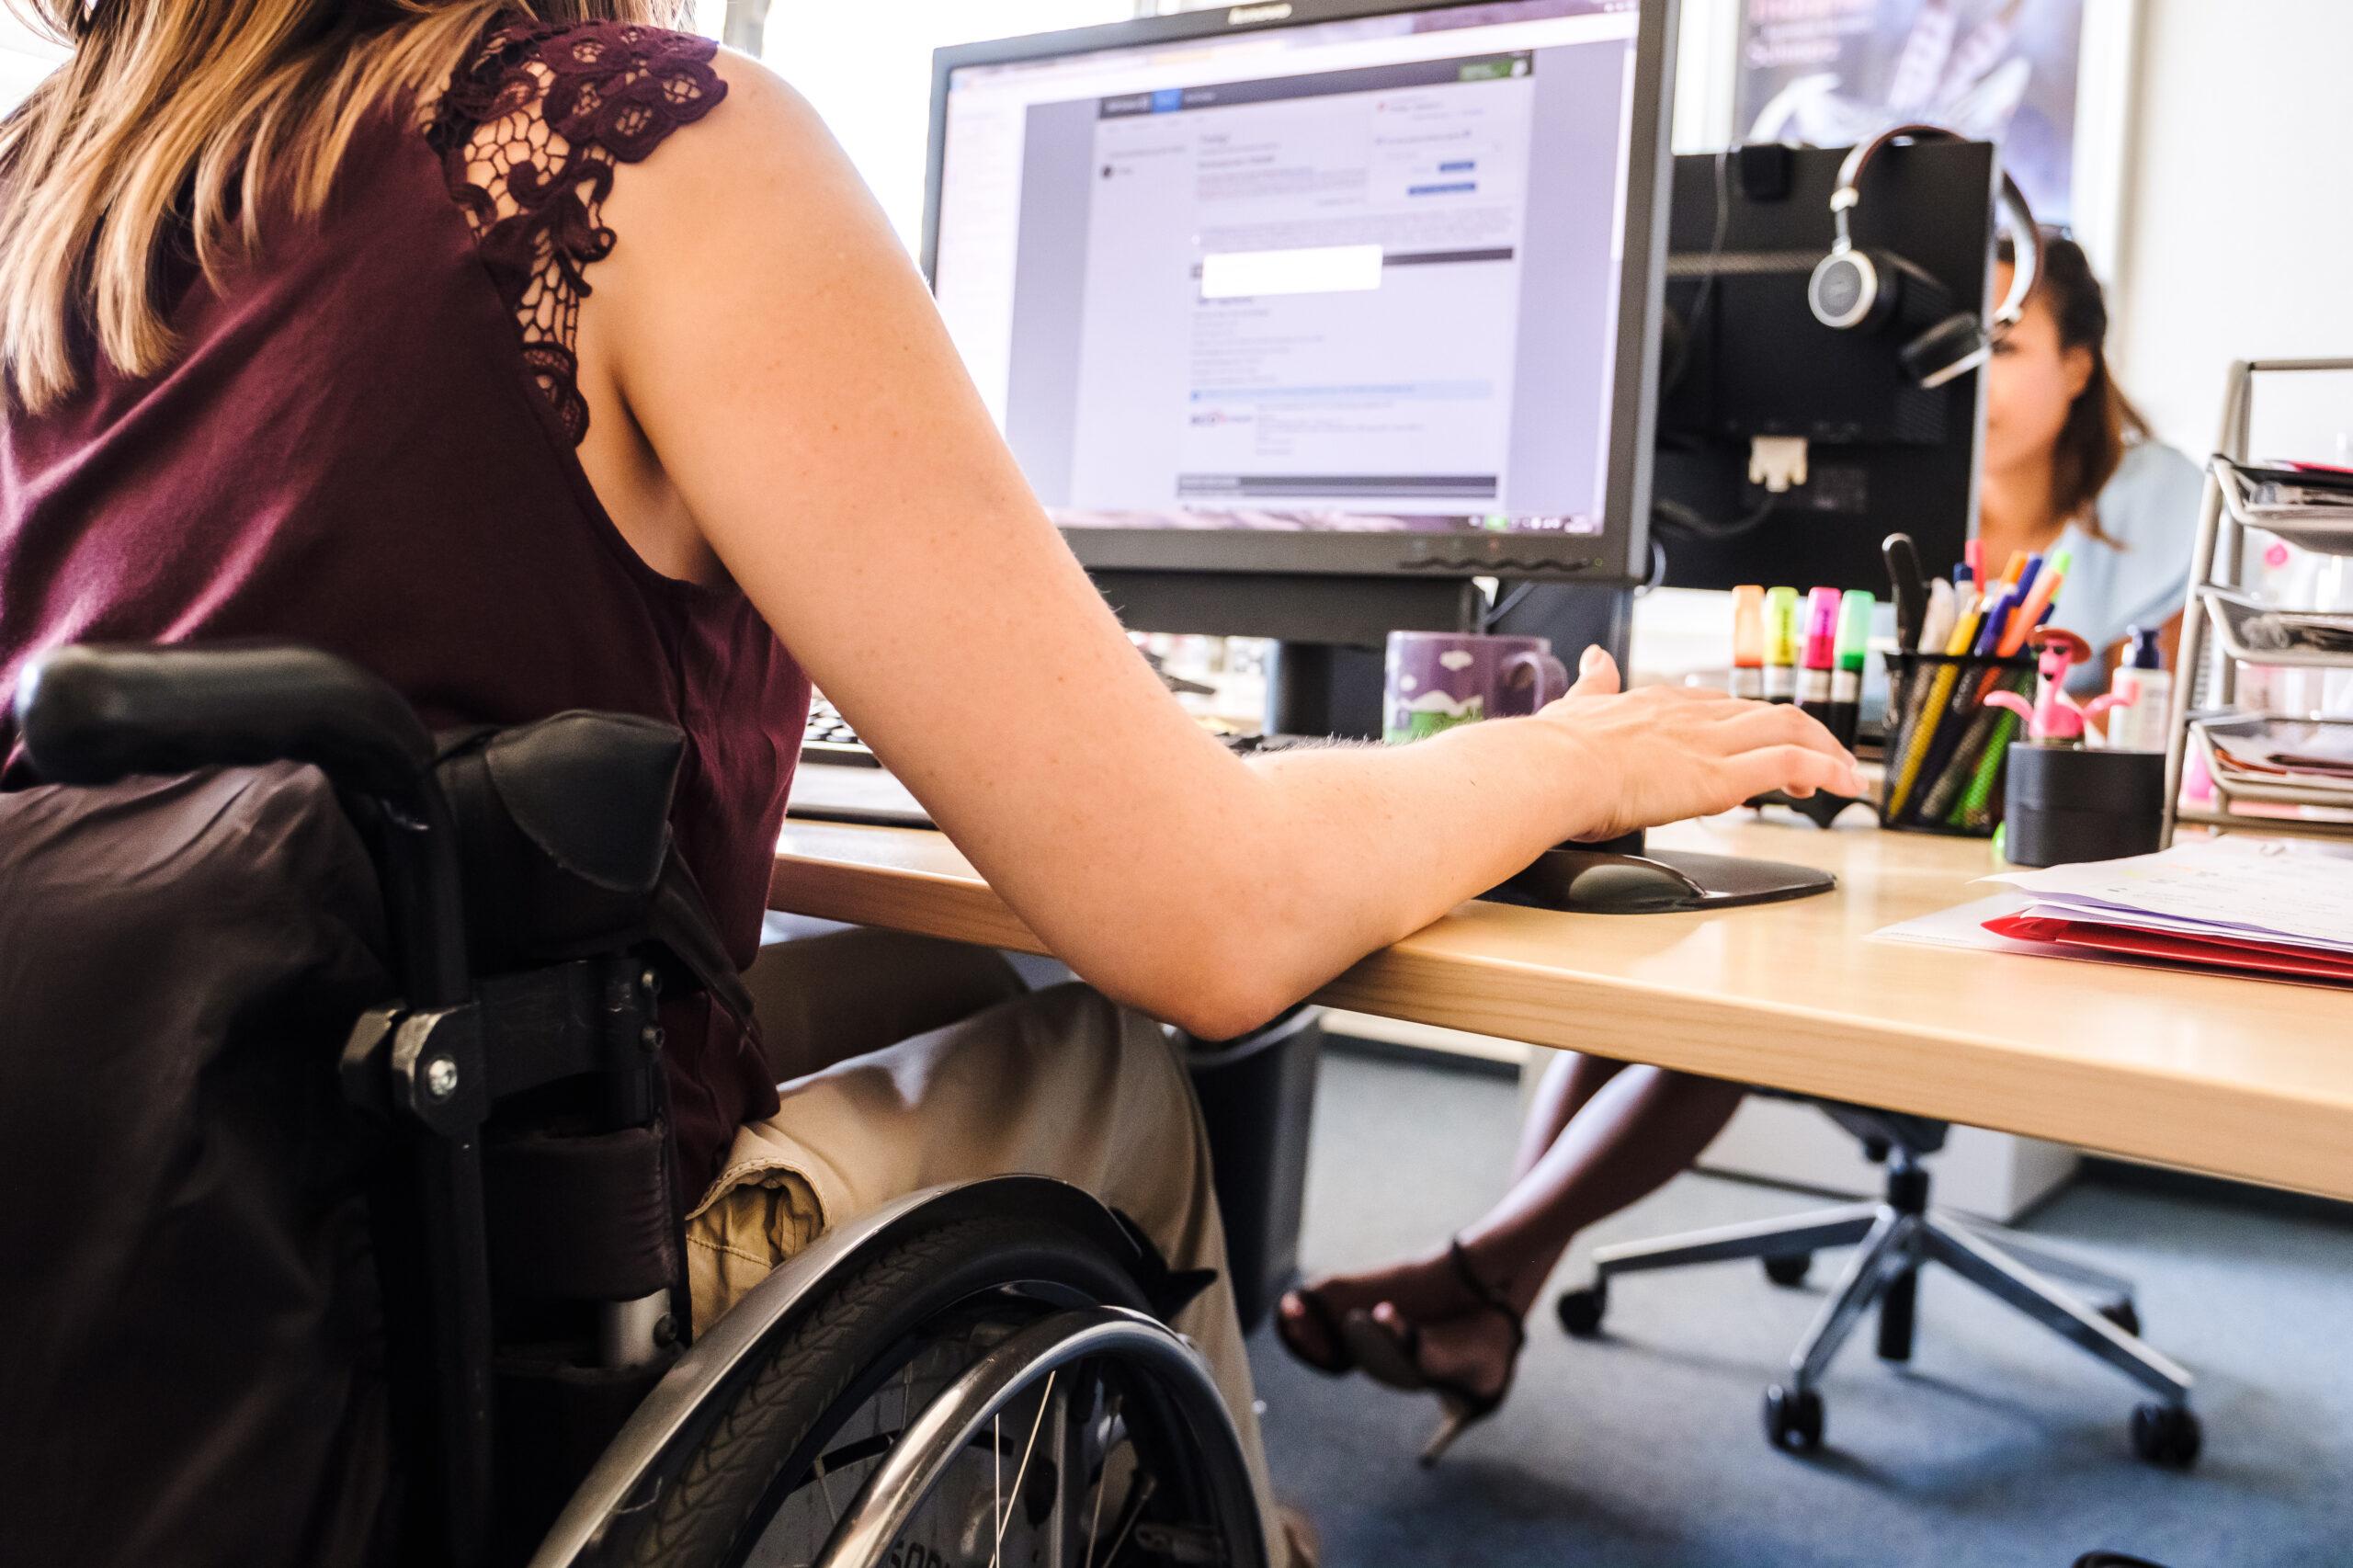 Zwei Frauen sitzen in einem Büro an Computern gegenüber. Eine von ihnen sitzt im Rollstuhl.